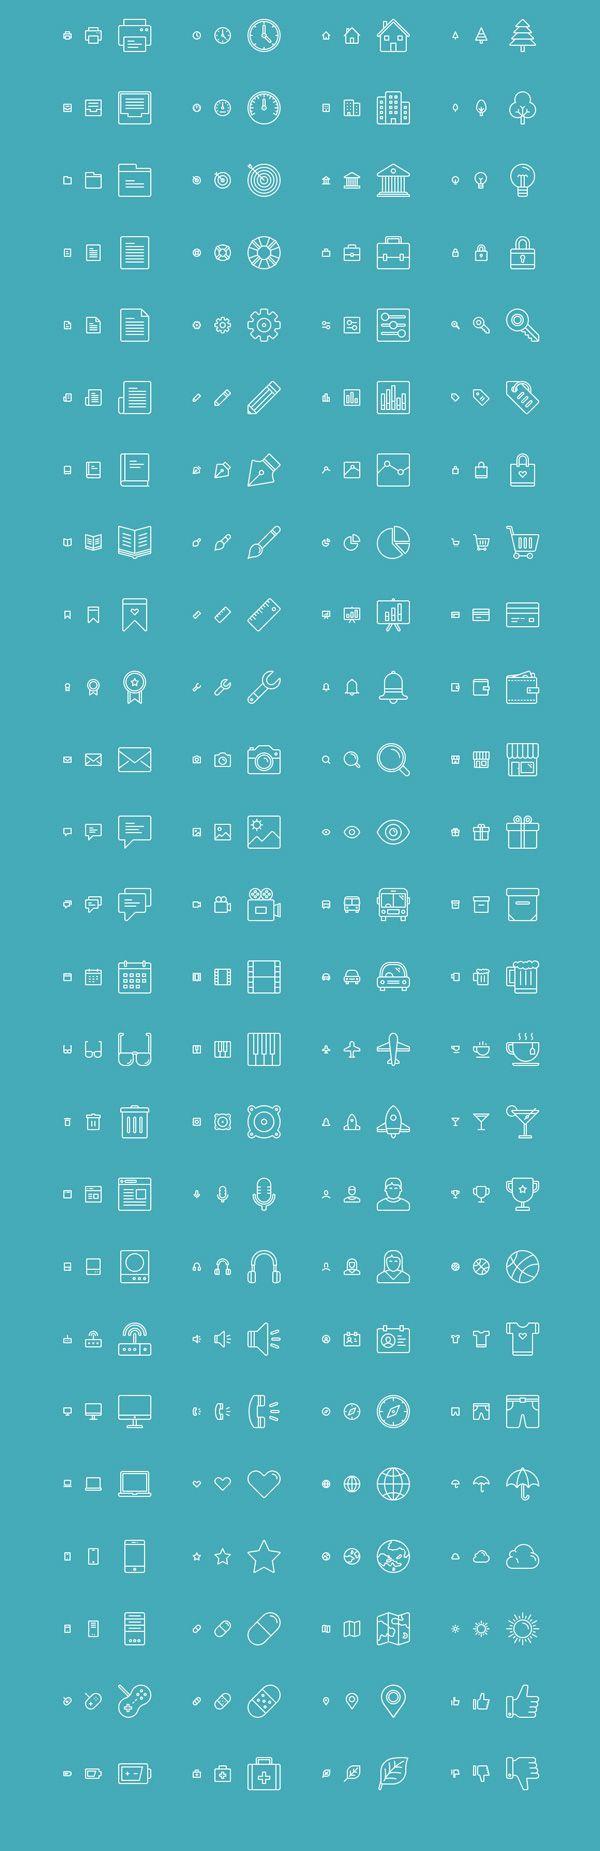 반응형 라인 아이콘 세트 무료 다운로드 :: 디자인 로그(DESIGN LOG)